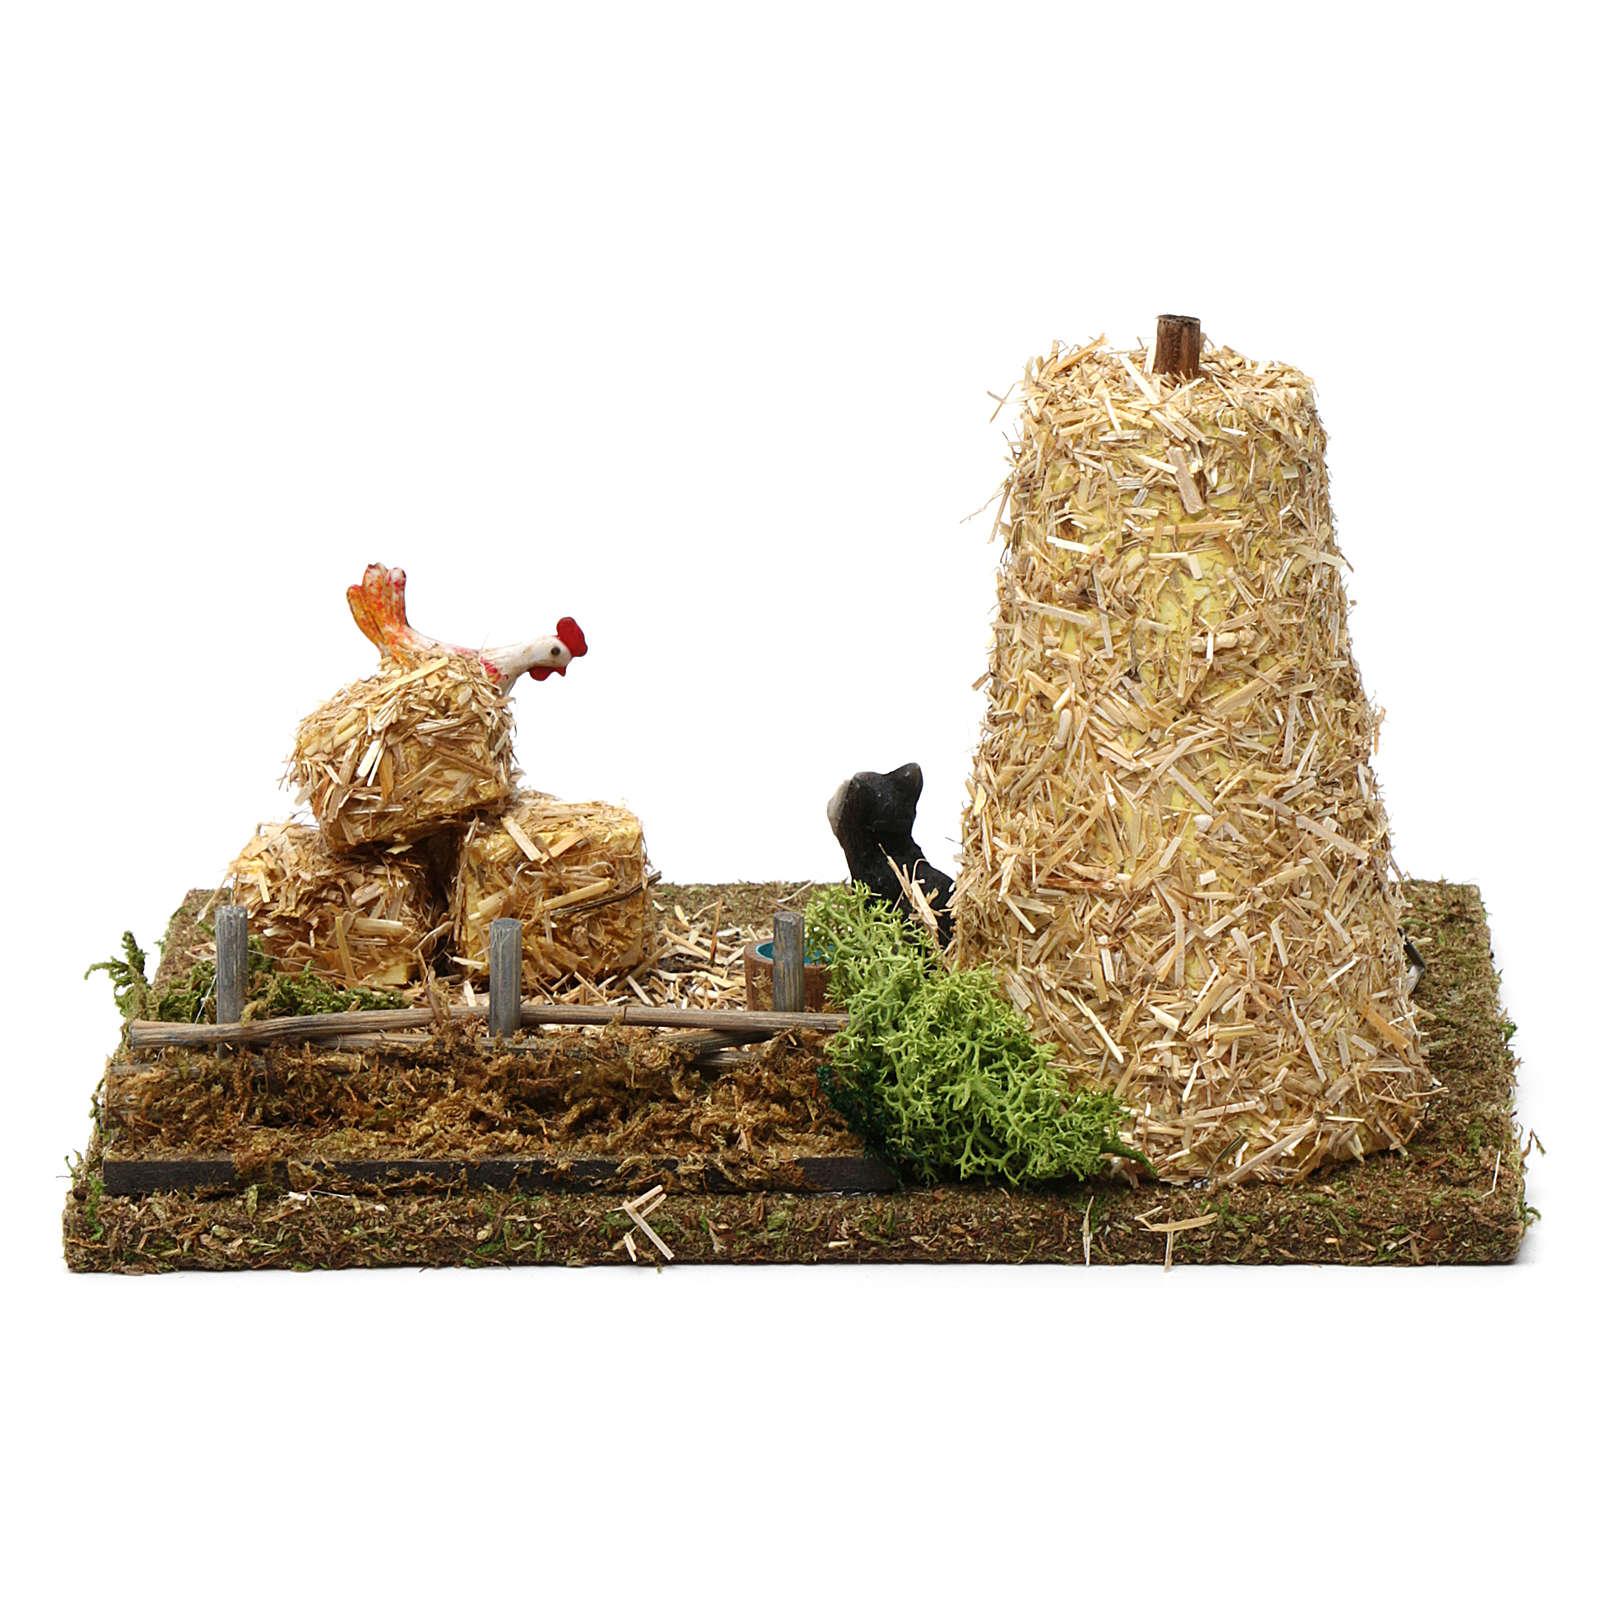 Strohhaufen mit Katze und Hahn 10x20x15 cm für 9-10 cm Krippe 3